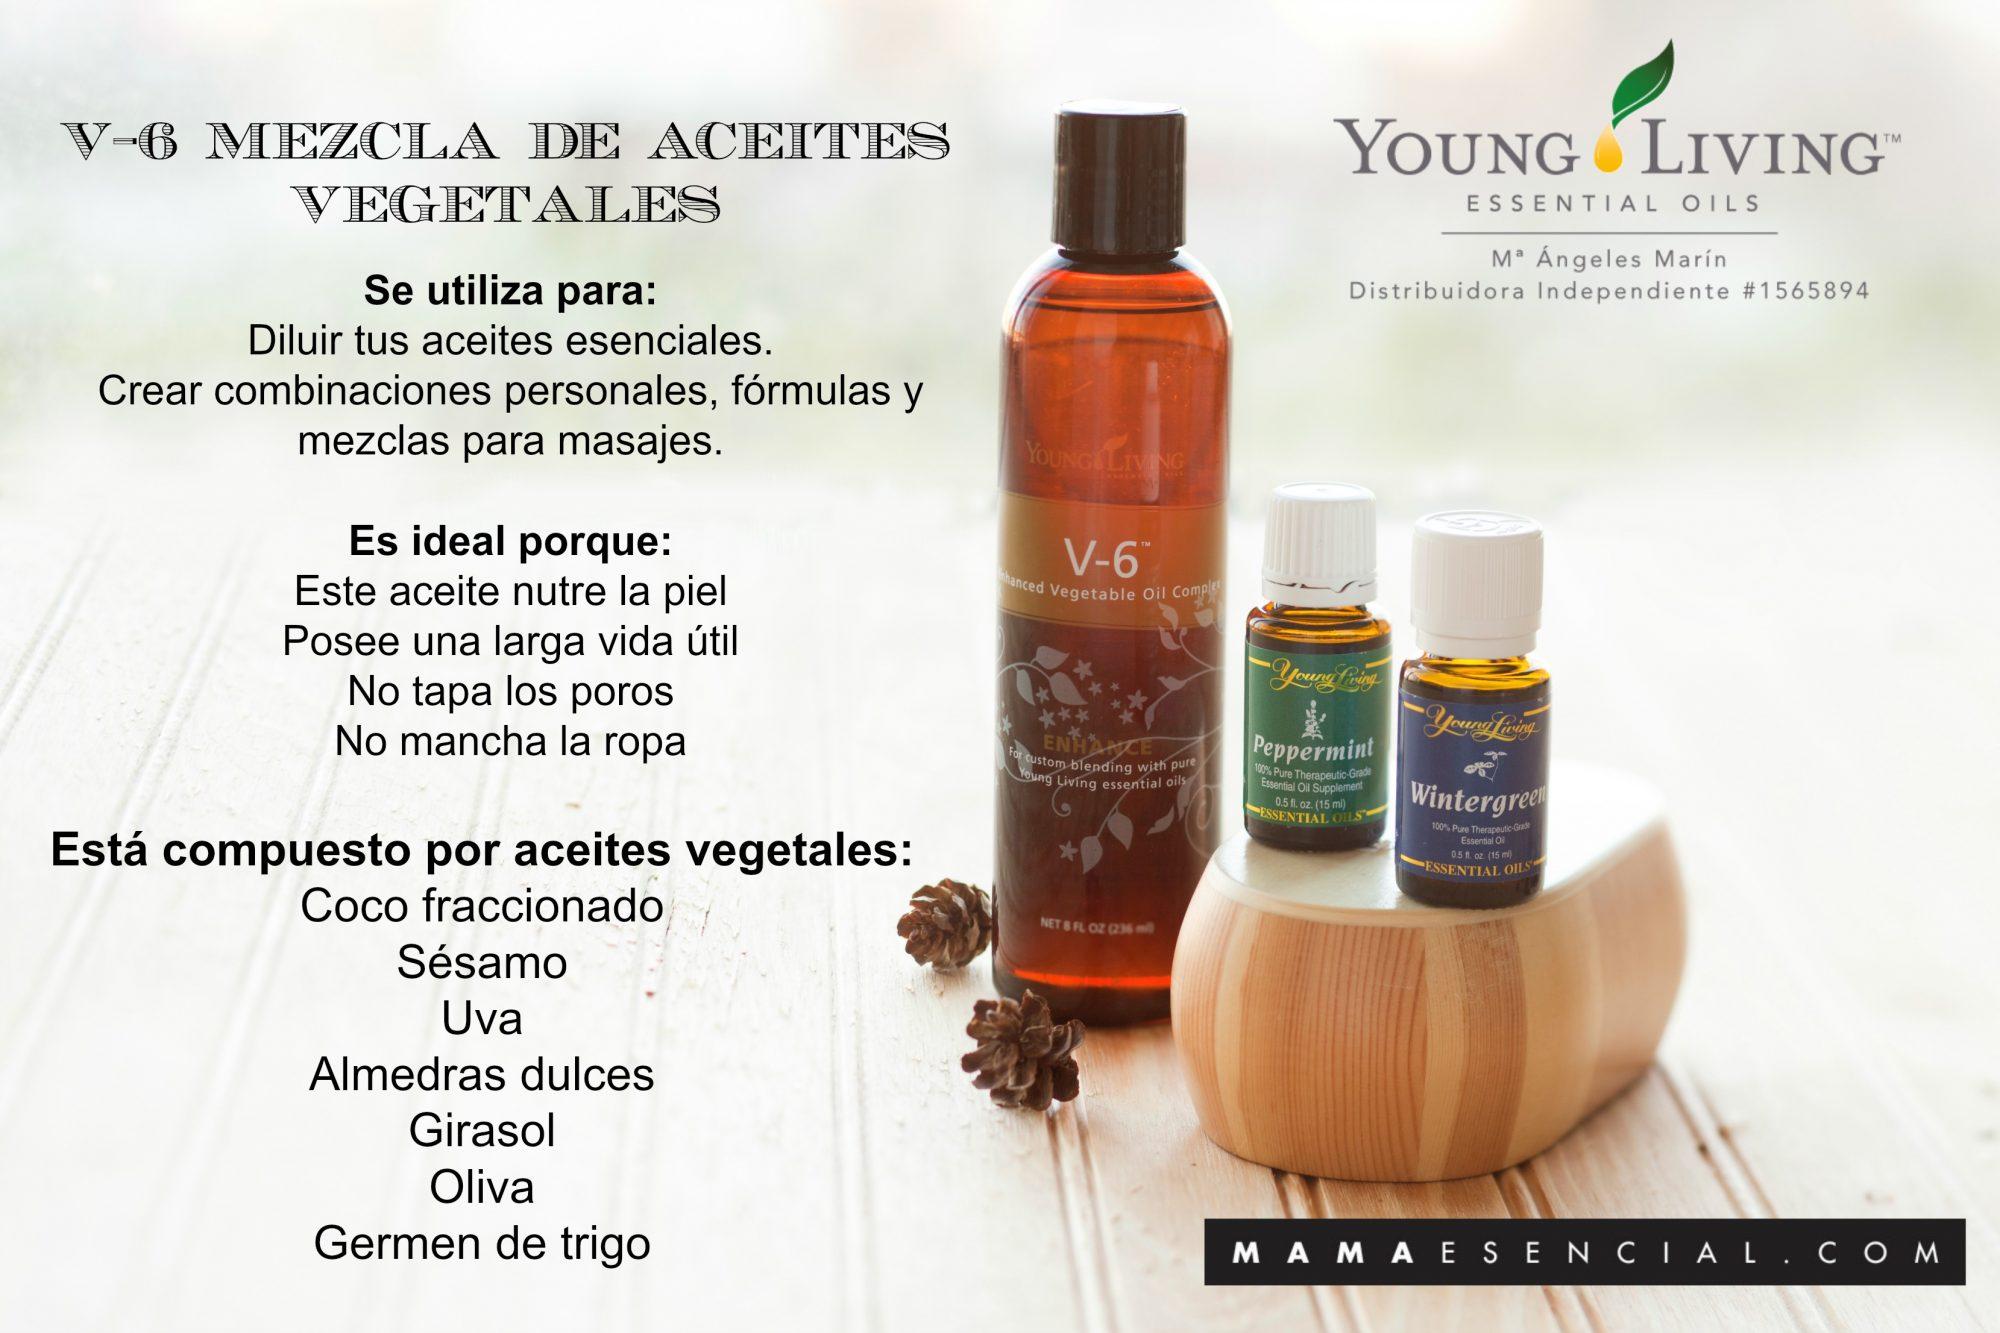 V-6 MEZCLA DE ACEITES VEGETALES DE YOUNG LIVING